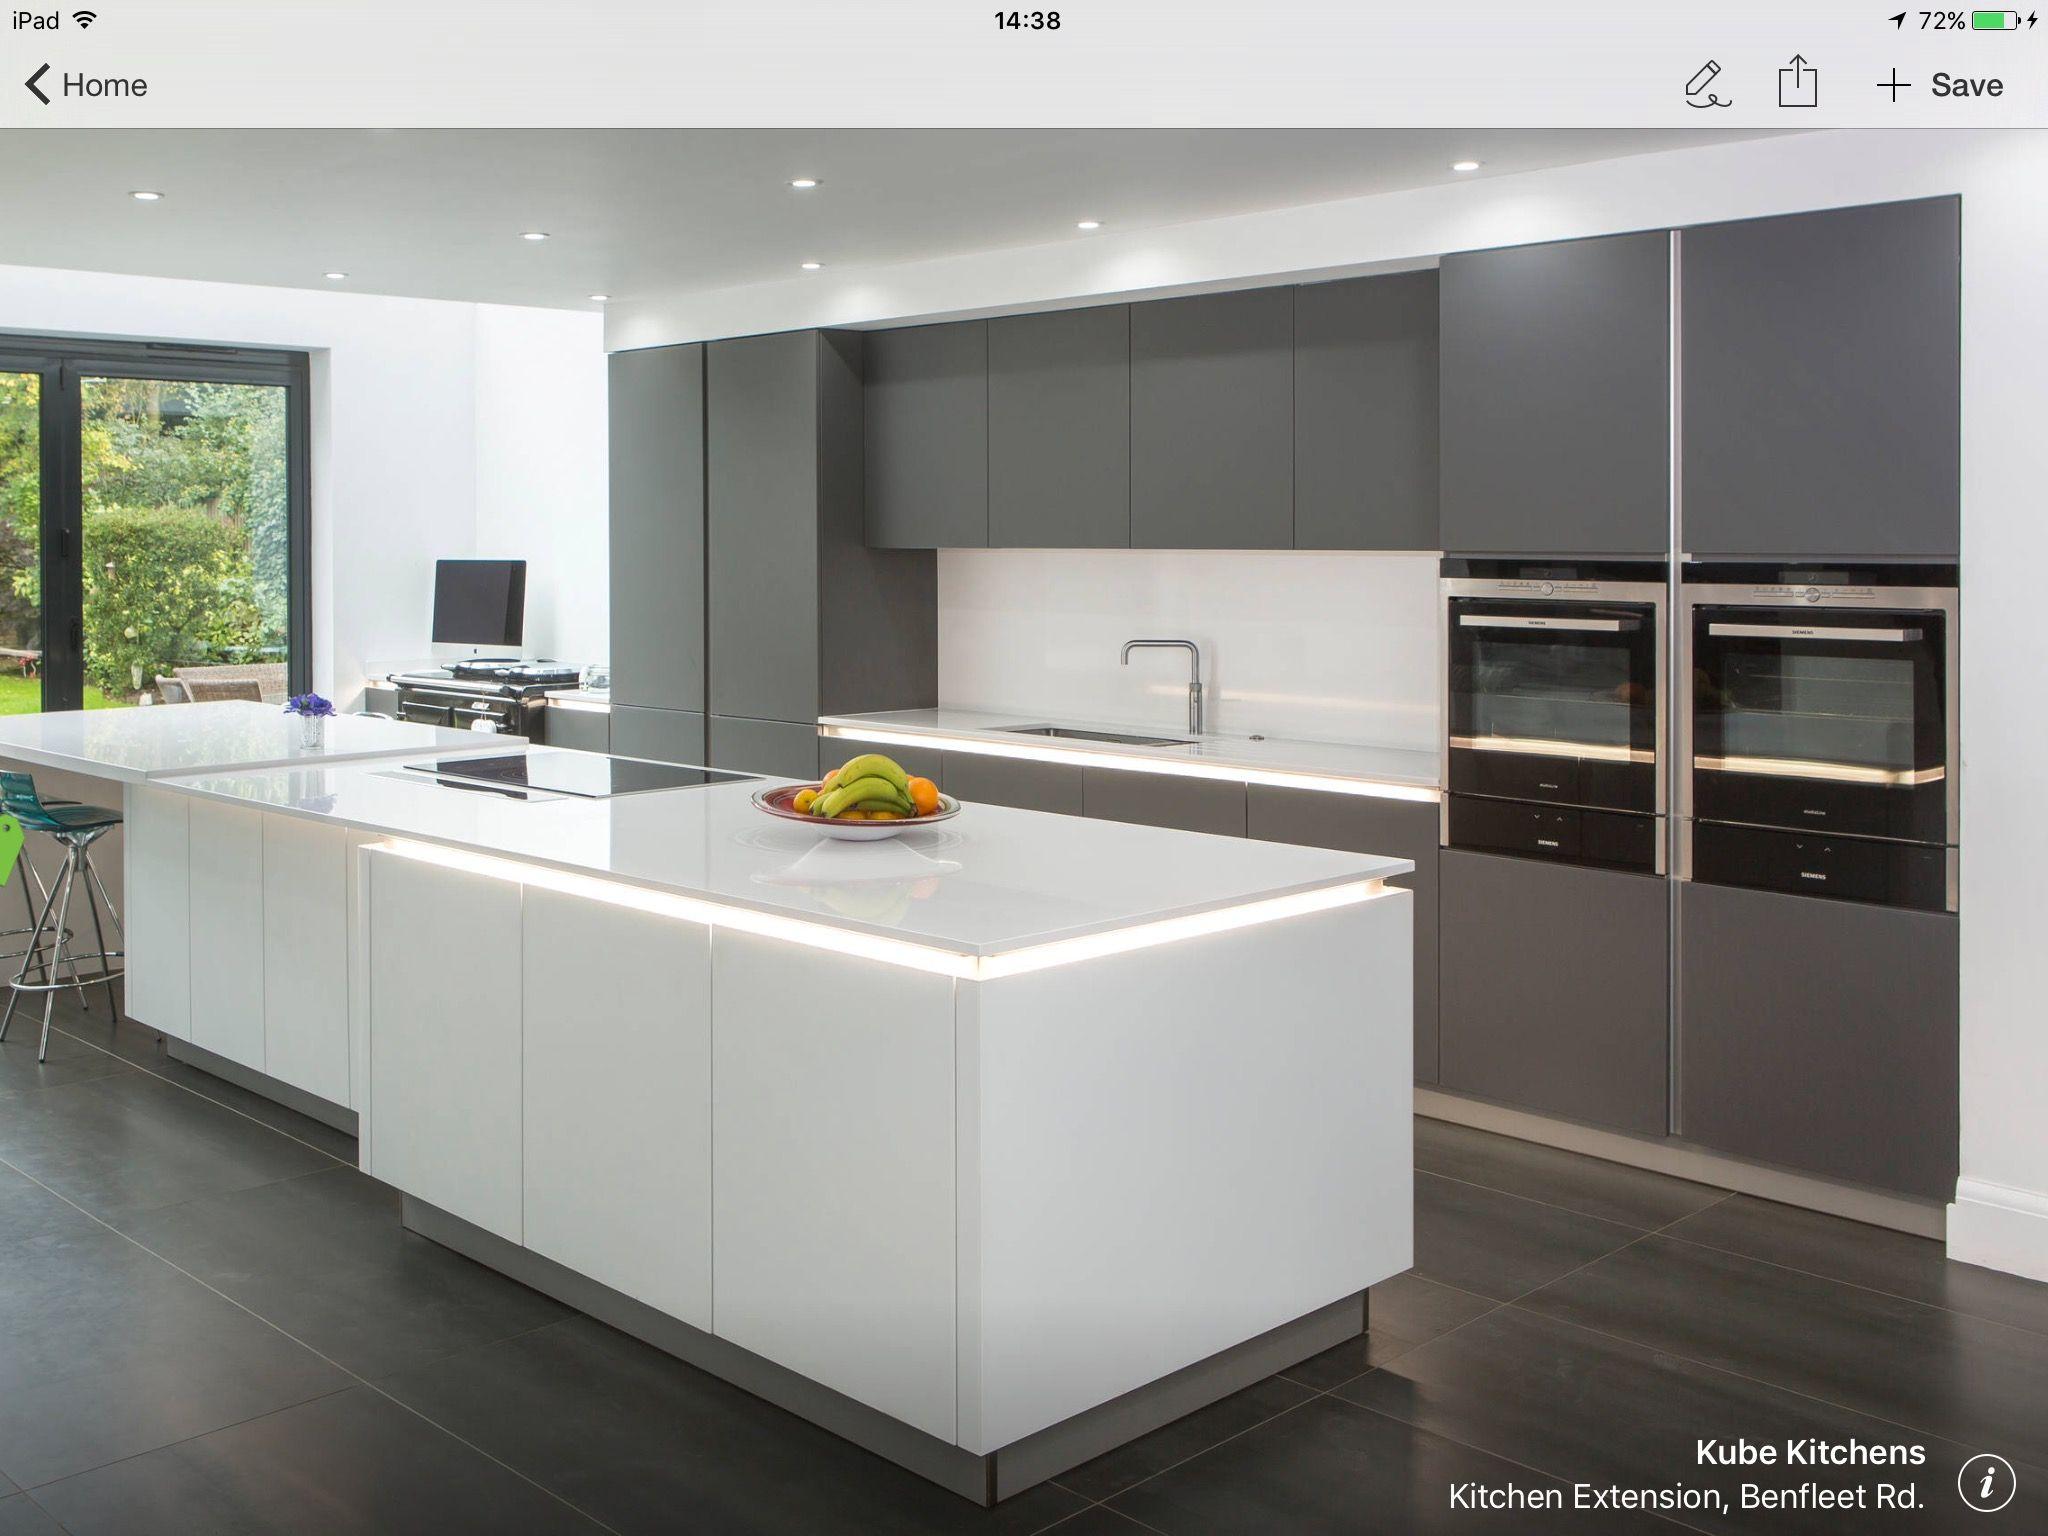 Tolle Wohnkultur Küchentrends 2015 Bilder - Ideen Für Die Küche ...